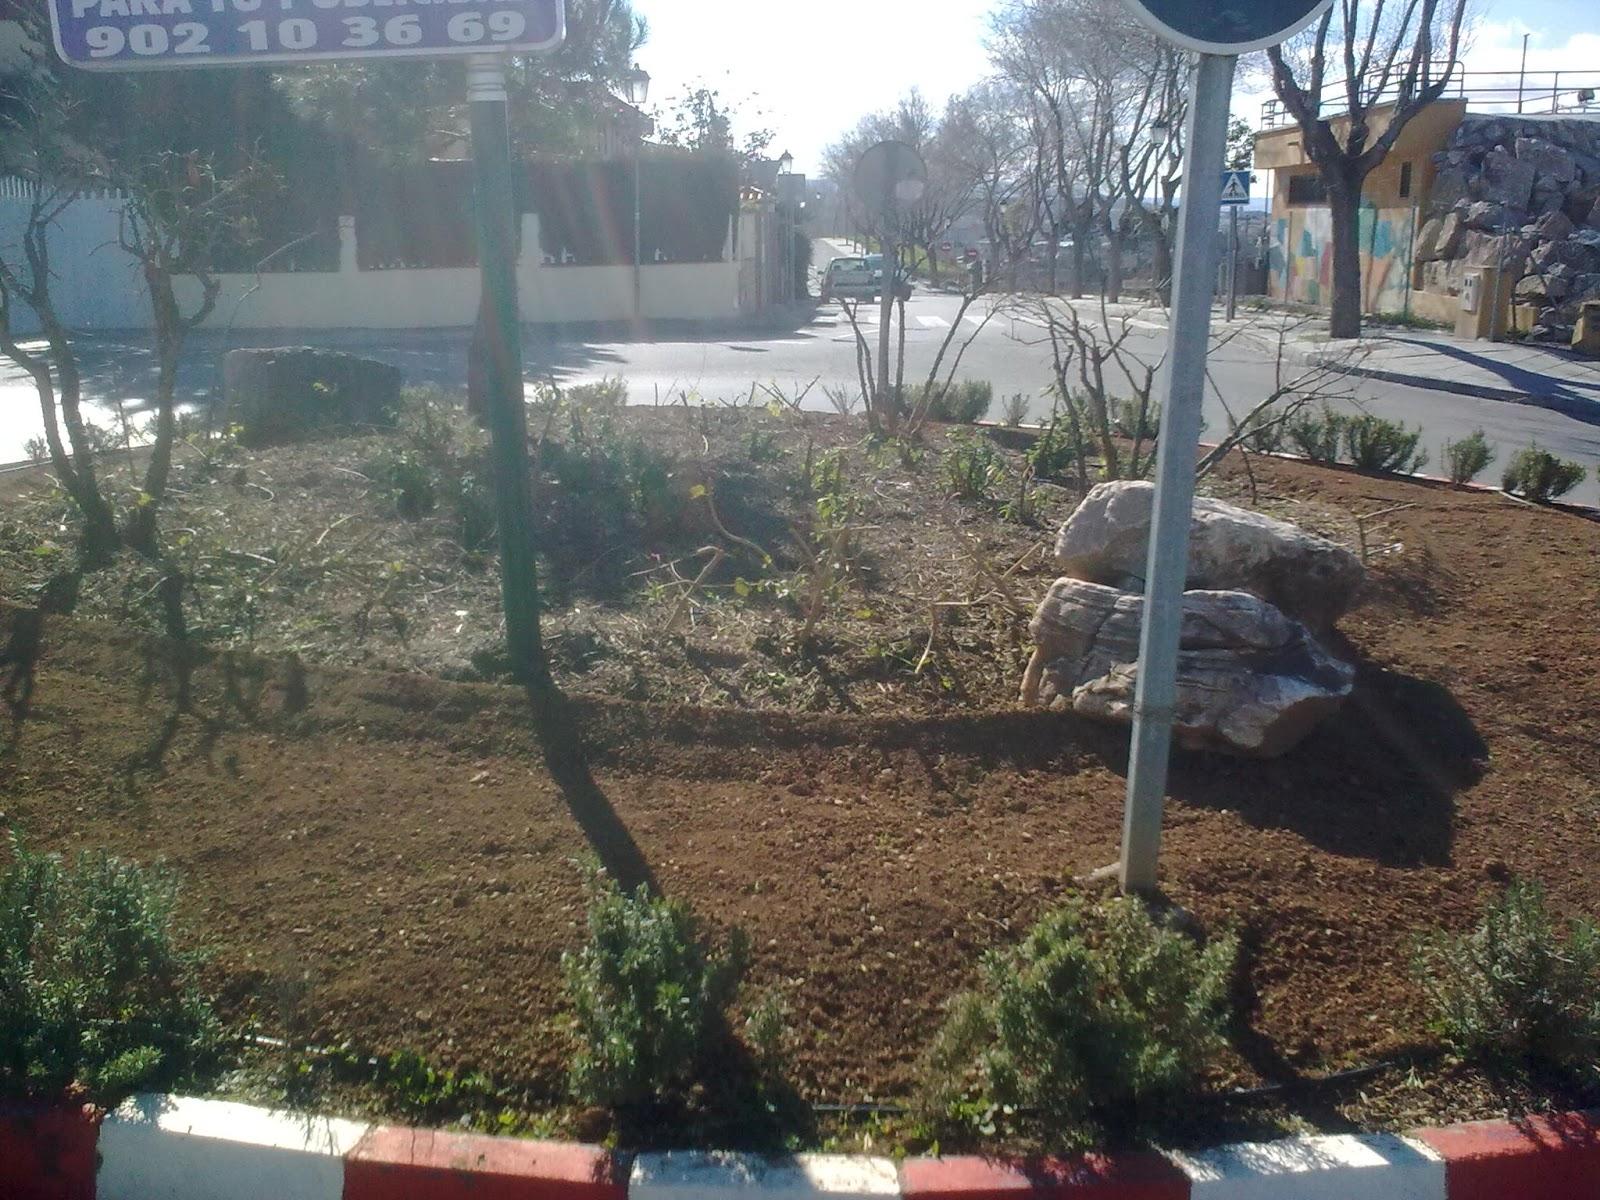 Parques y jardines de ogijares arreglo rotonda loma linda for Parques y jardines